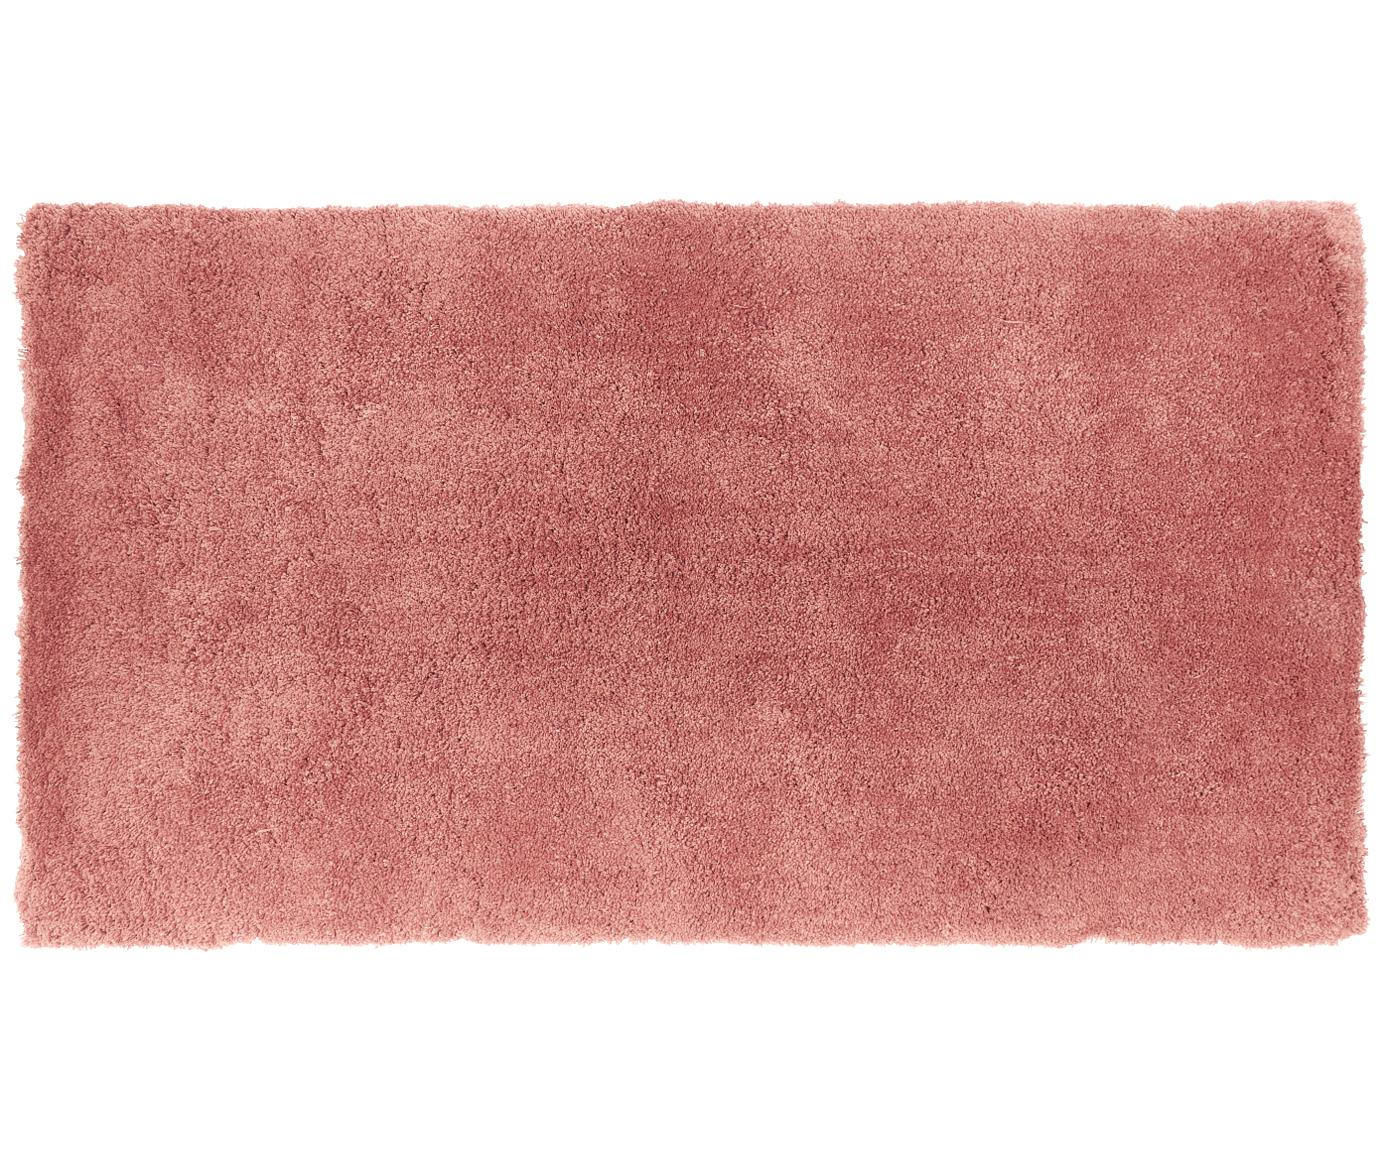 Puszysty dywan z wysokim stosem Leighton, Terakota, S 80 x D 150 cm (Rozmiar XS)